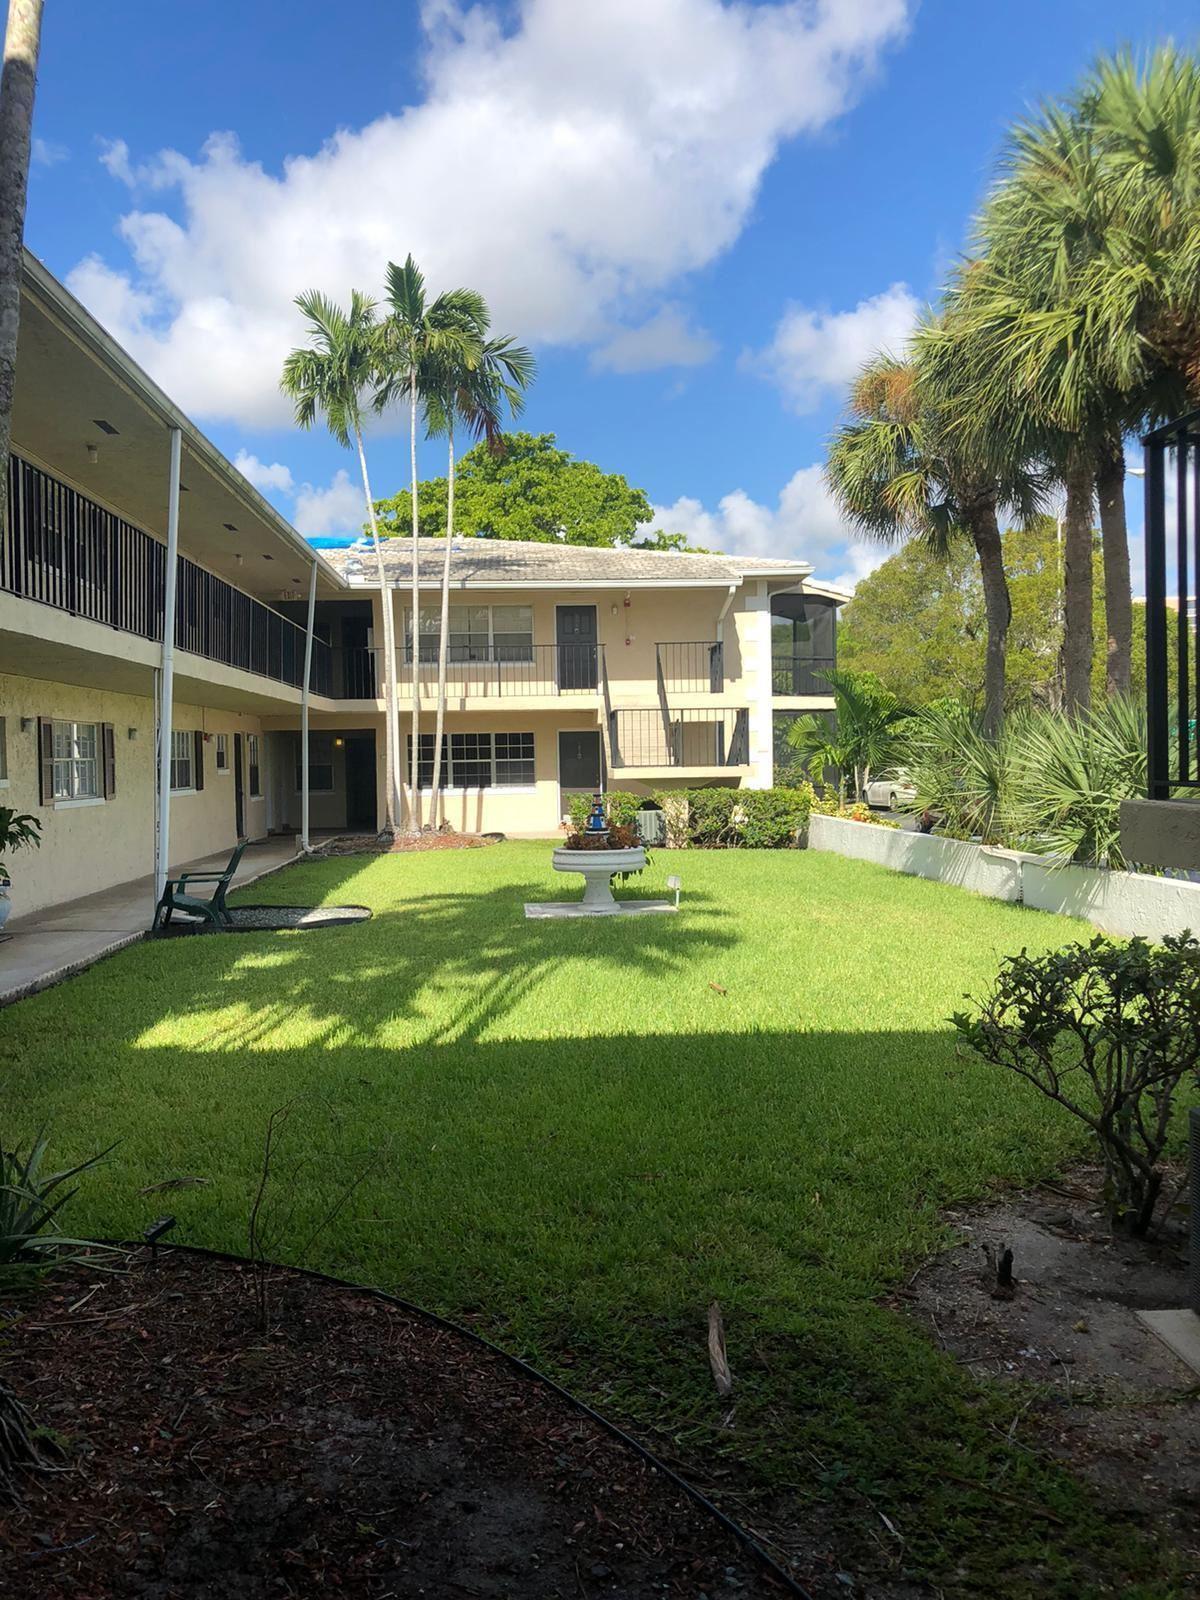 8900 W Sample Road #106, Coral Springs, FL 33065 - #: RX-10653209